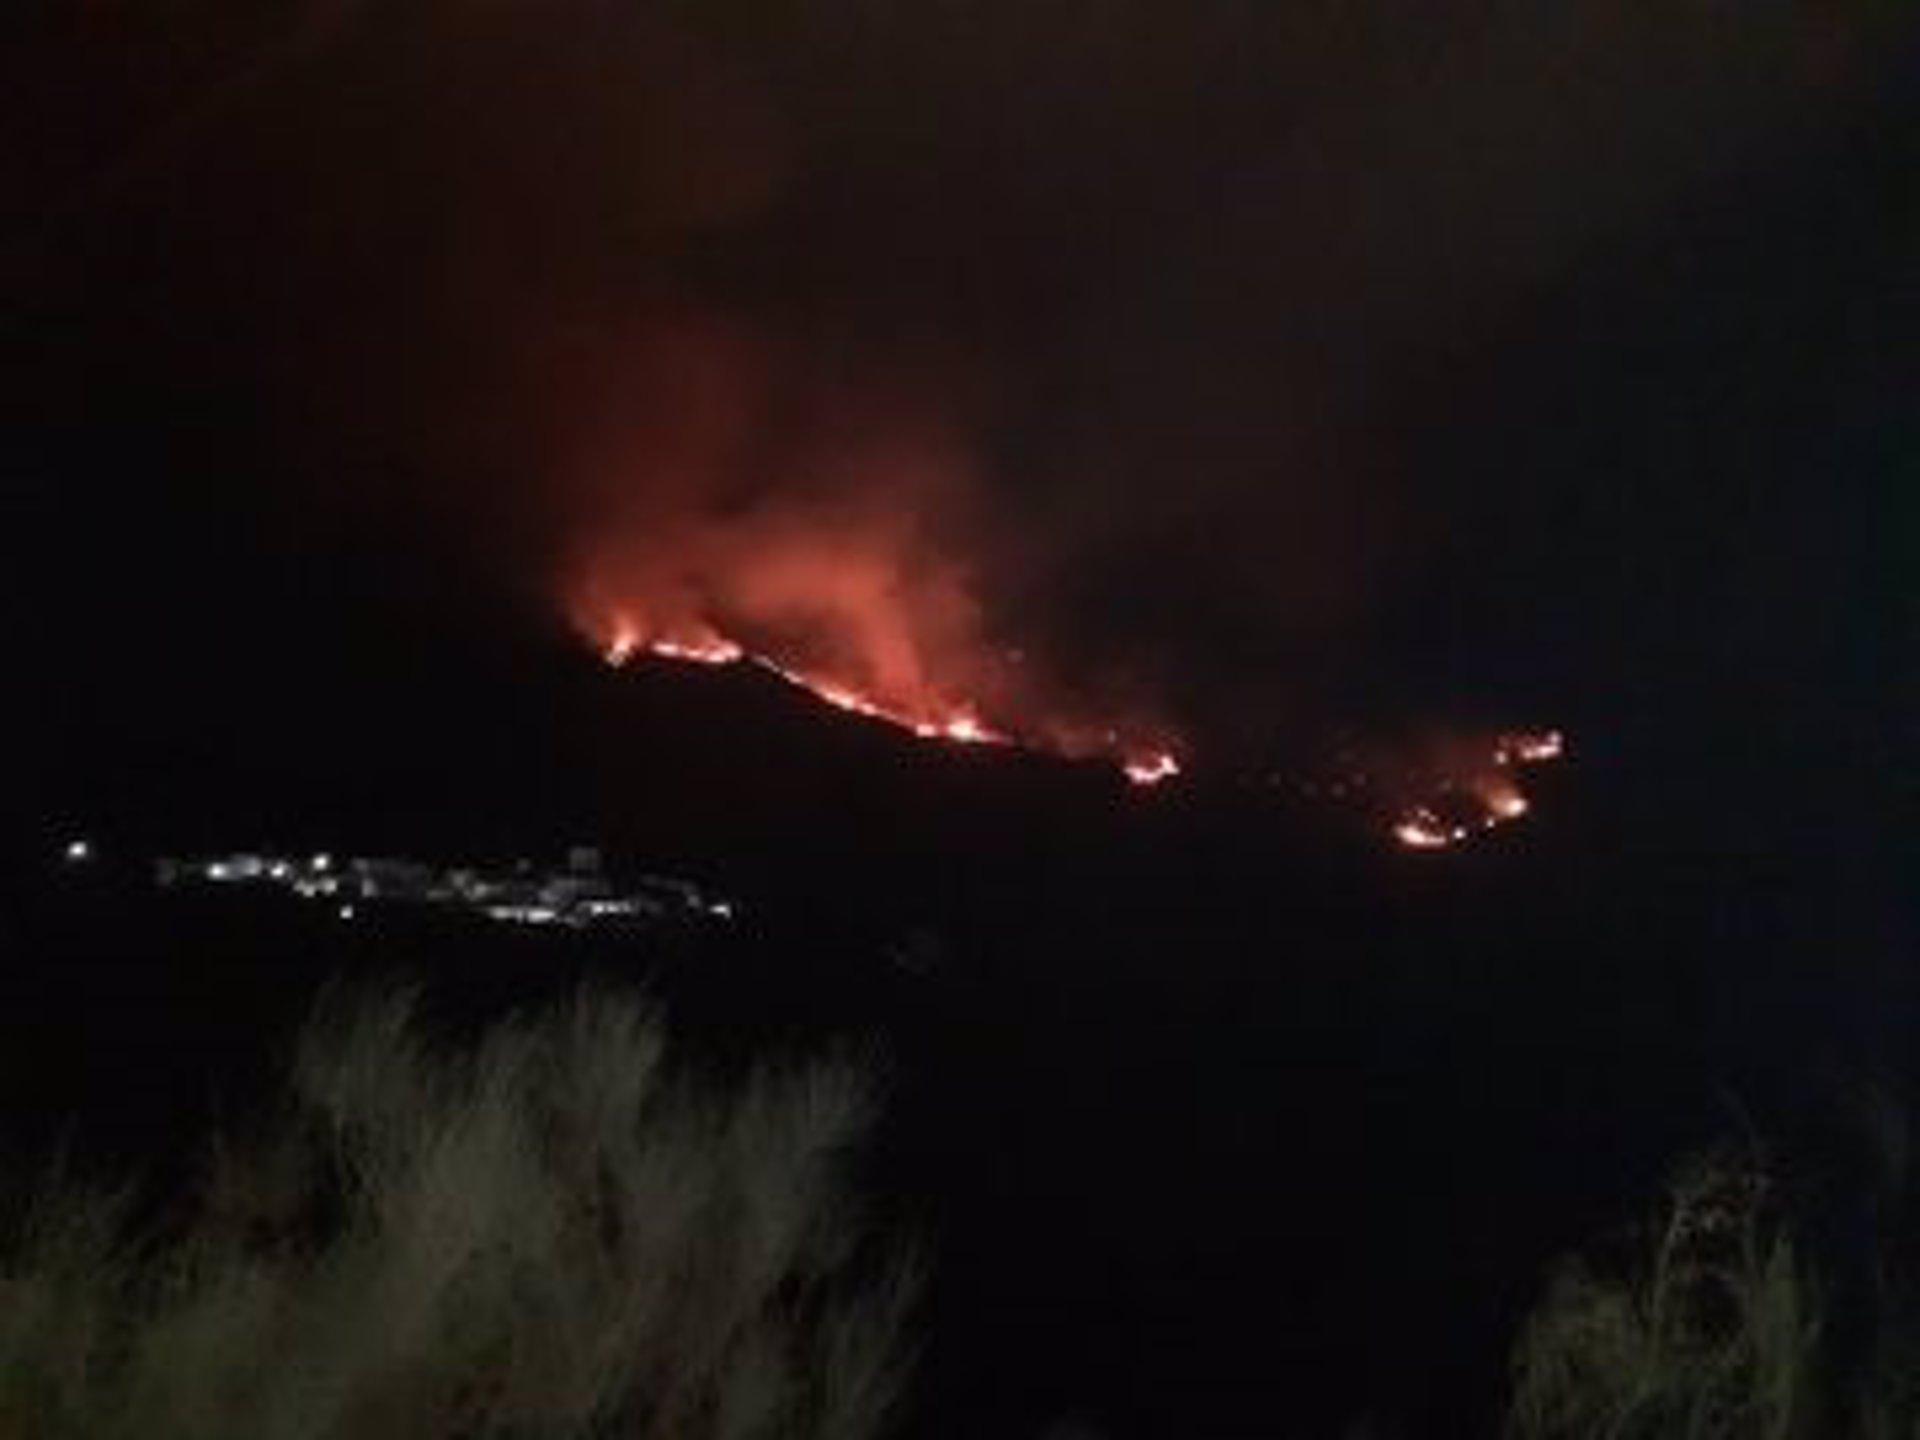 Controlado el incendio forestal en Almegíjar tras la incorporación de medios aéreos